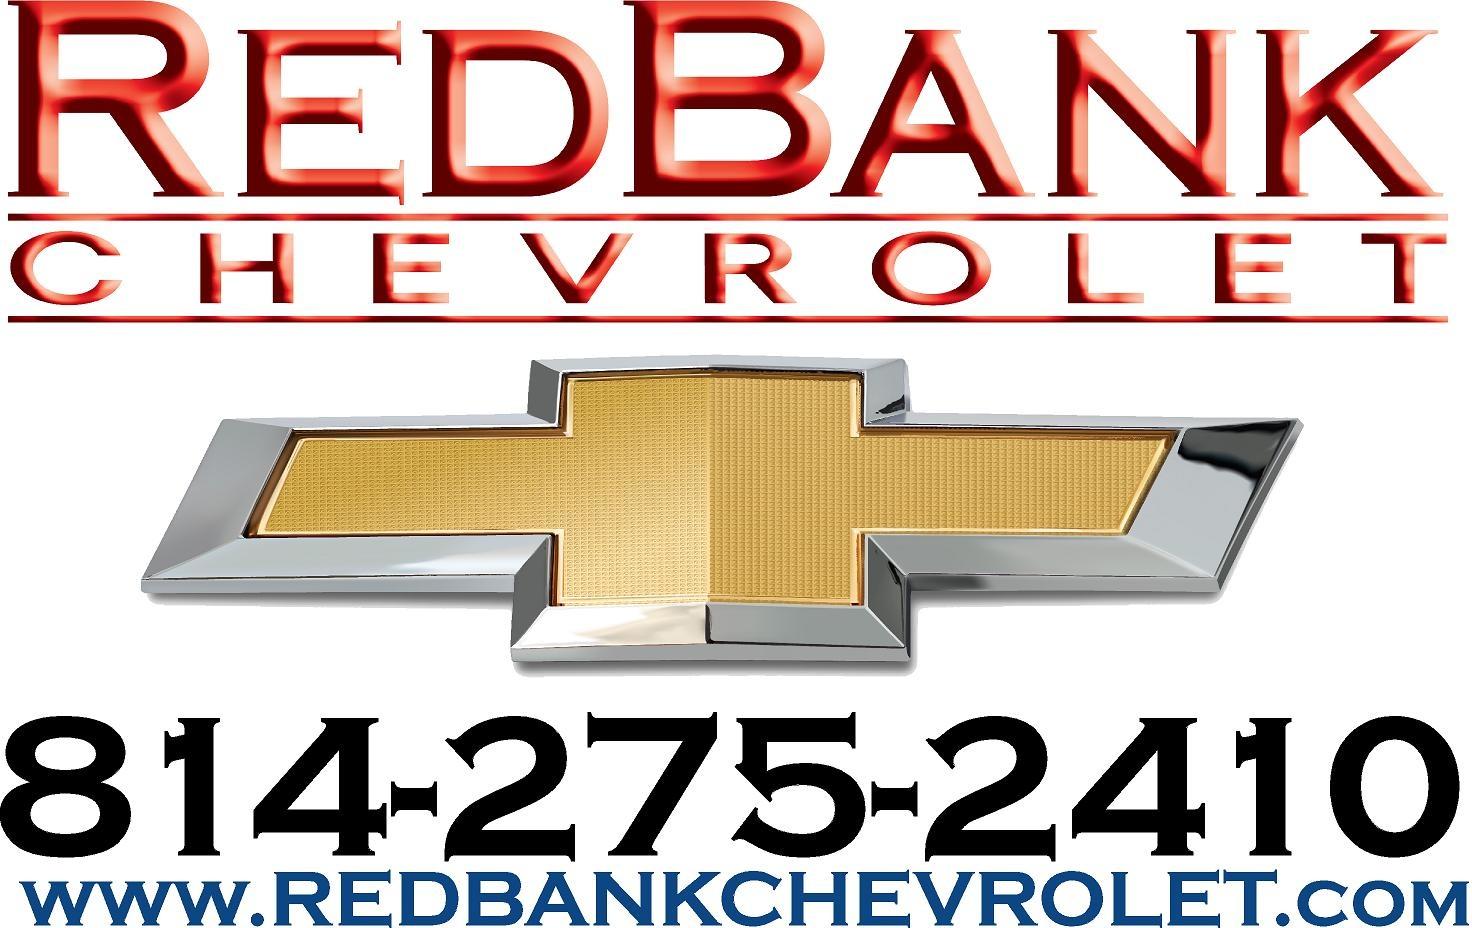 Redbank Chevrolet New Bethlehem Pa Read Consumer Reviews